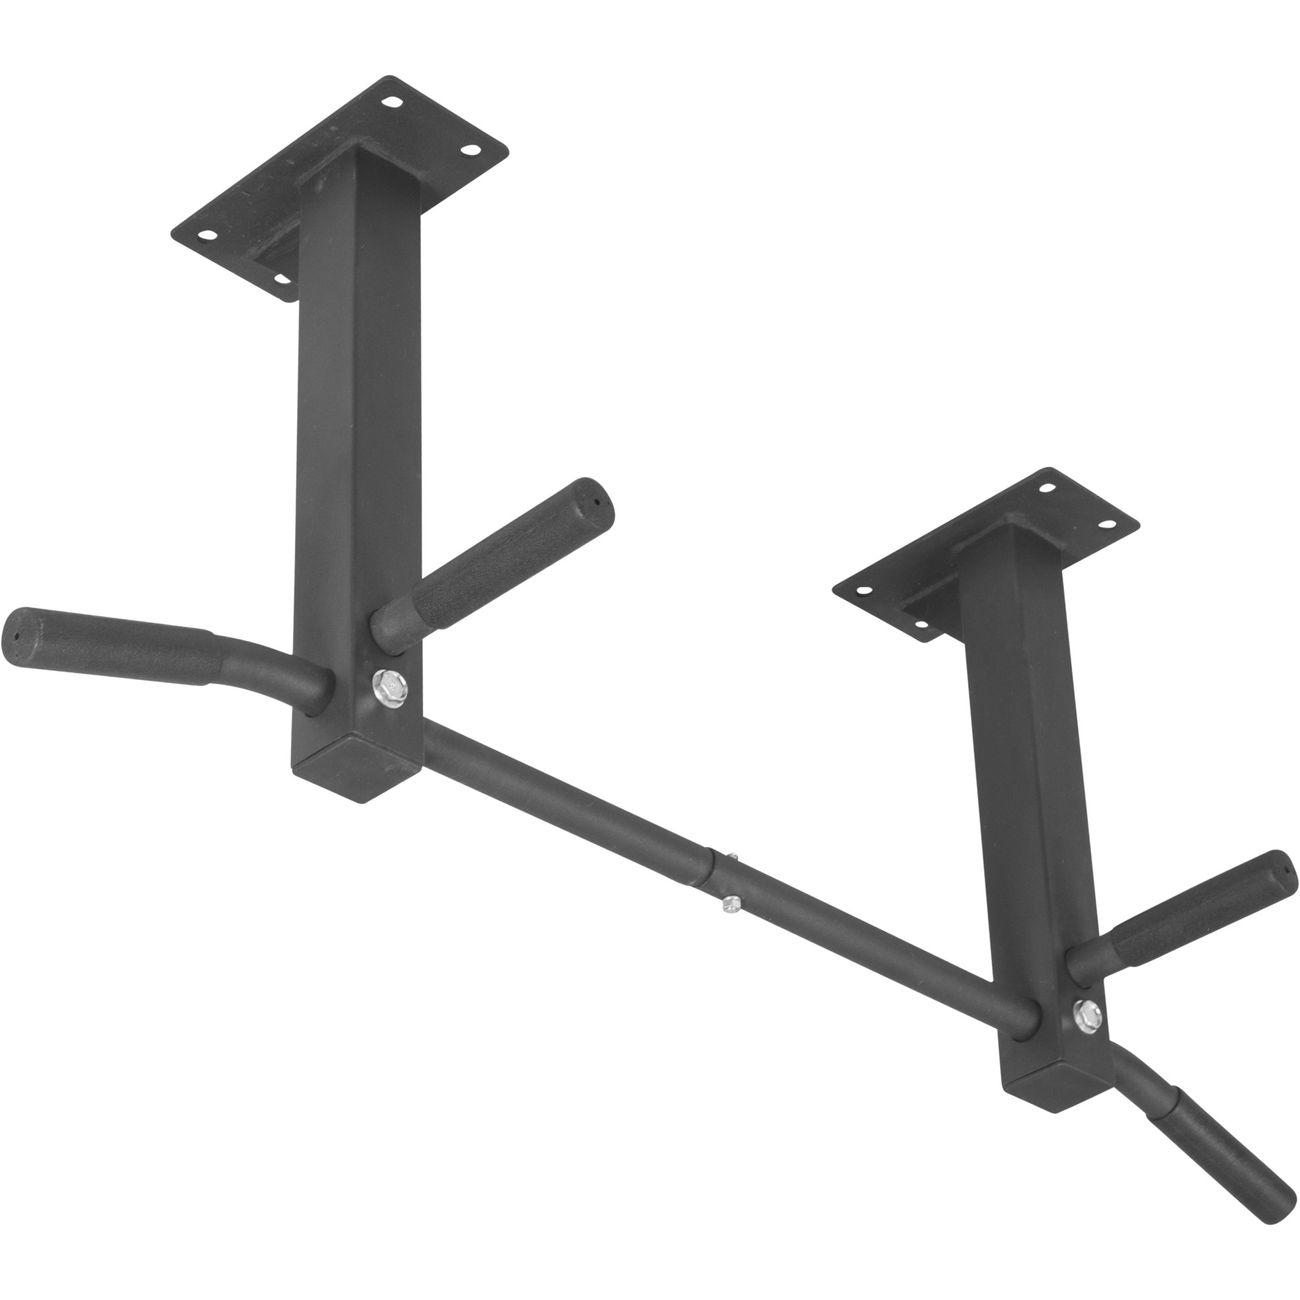 Gorilla Sports - Barre de traction pour plafond H-16 - achat et prix pas cher - Go Sport